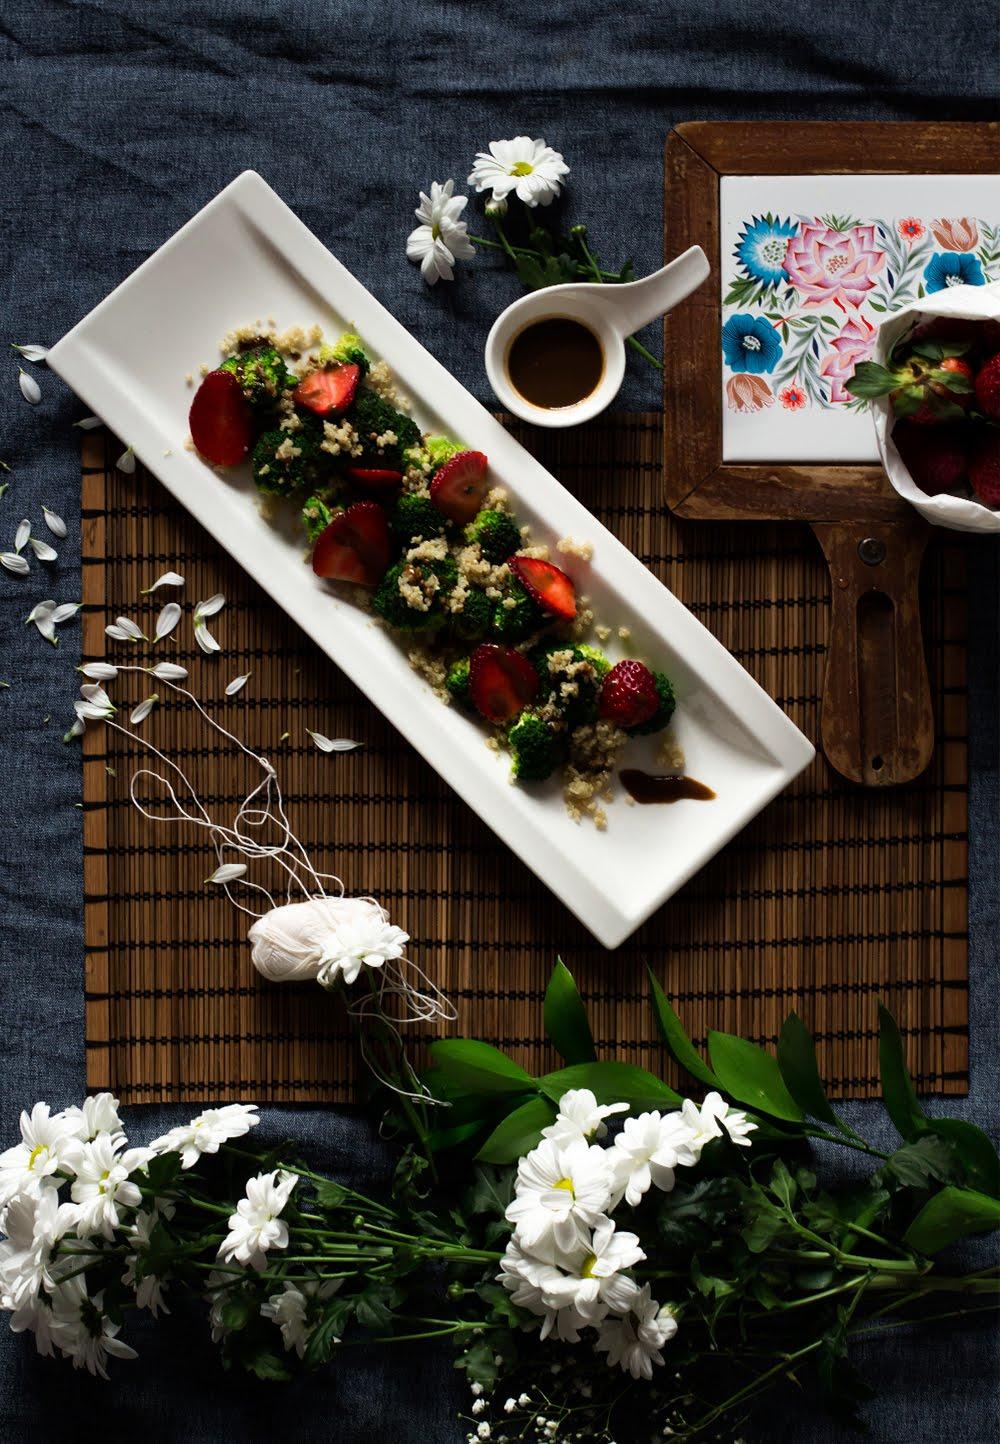 ensalada-de-brocoli-y-quinoa-con-fresas